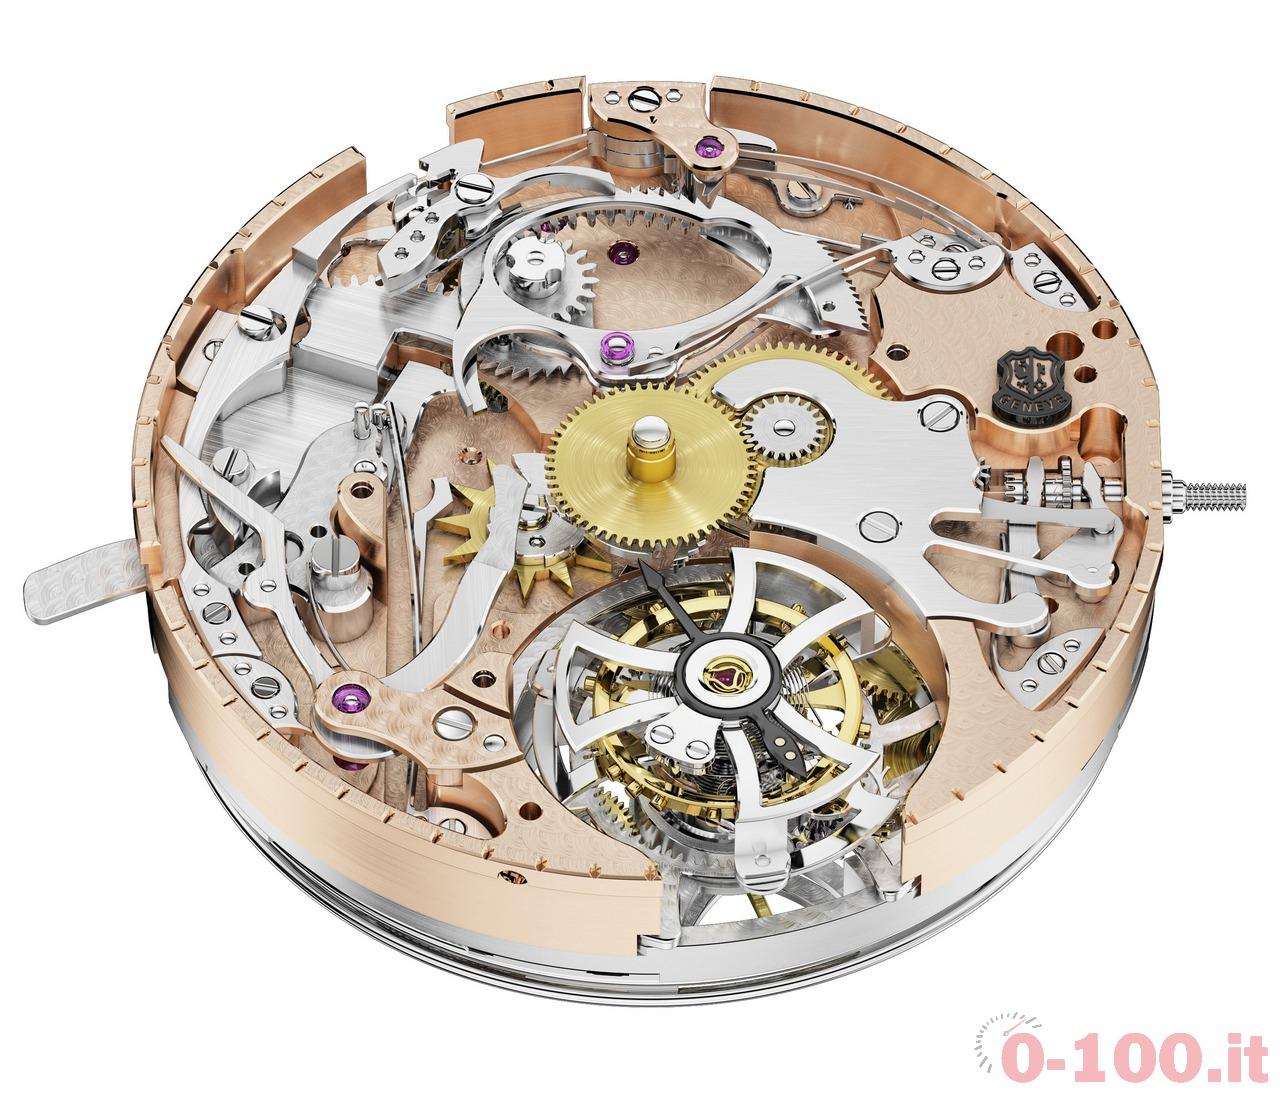 roger-dubuis-hommage-ripetizione-minuti-tourbillon-automatico-limited-edition-0-100_7